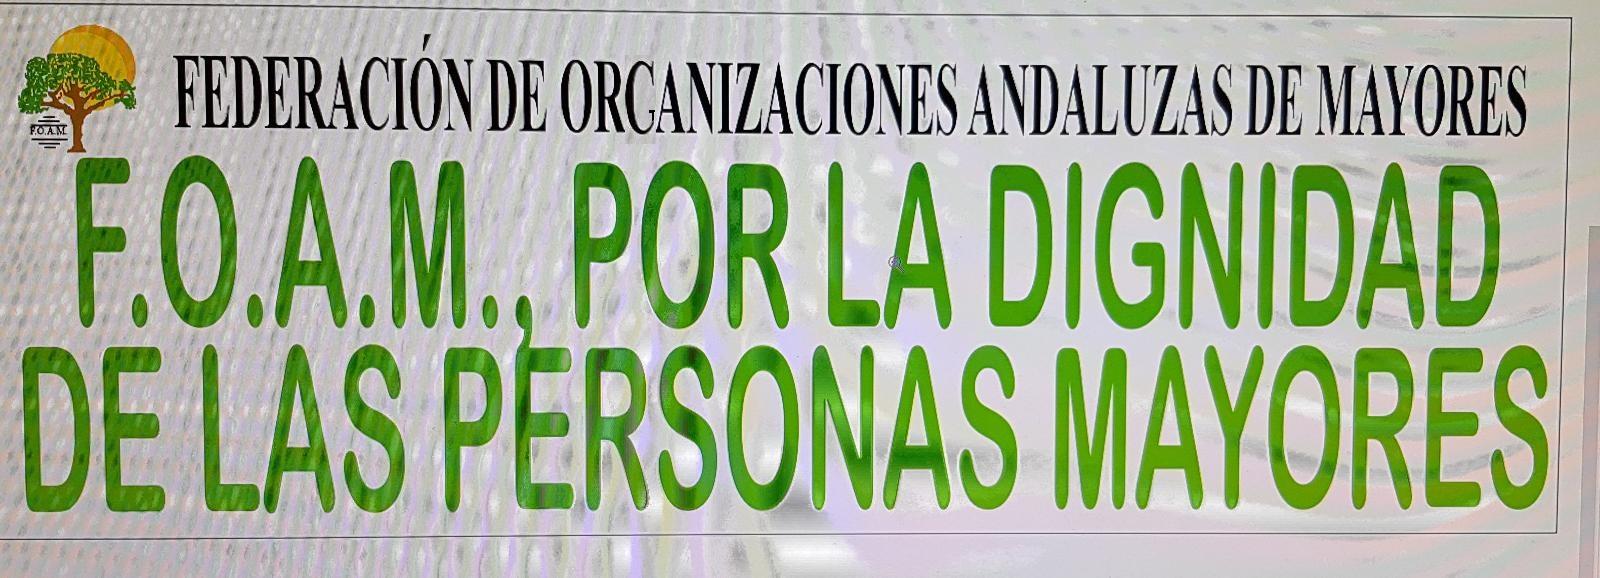 F.O.A.M. POR LA DIGNIDAD DE LAS PERSONAS MAYORES